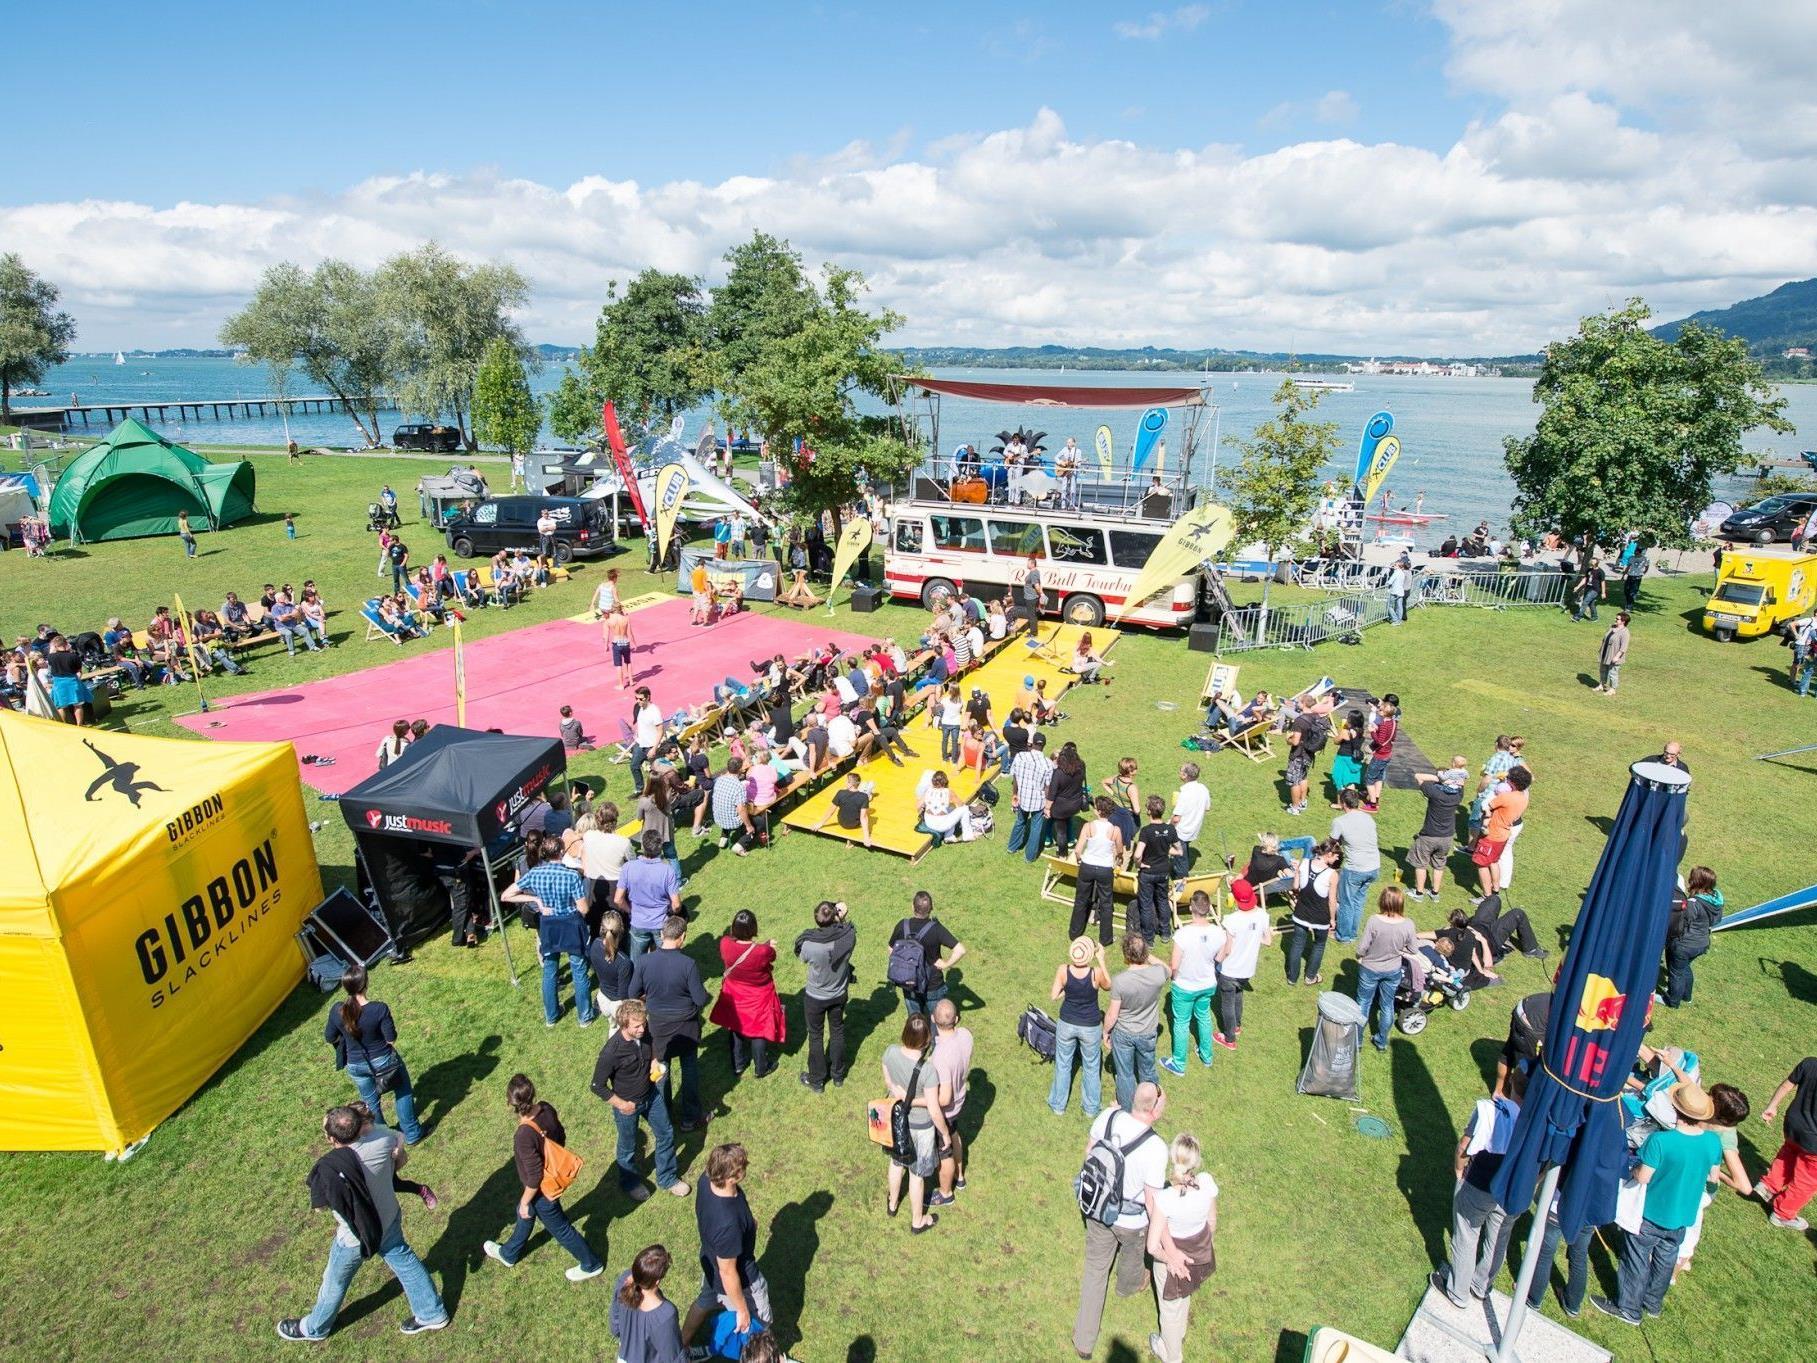 Am Sonntag ging das diesjährige Freakwave Festival bei  gutem Wetter und der Band Alldra zu Ende.